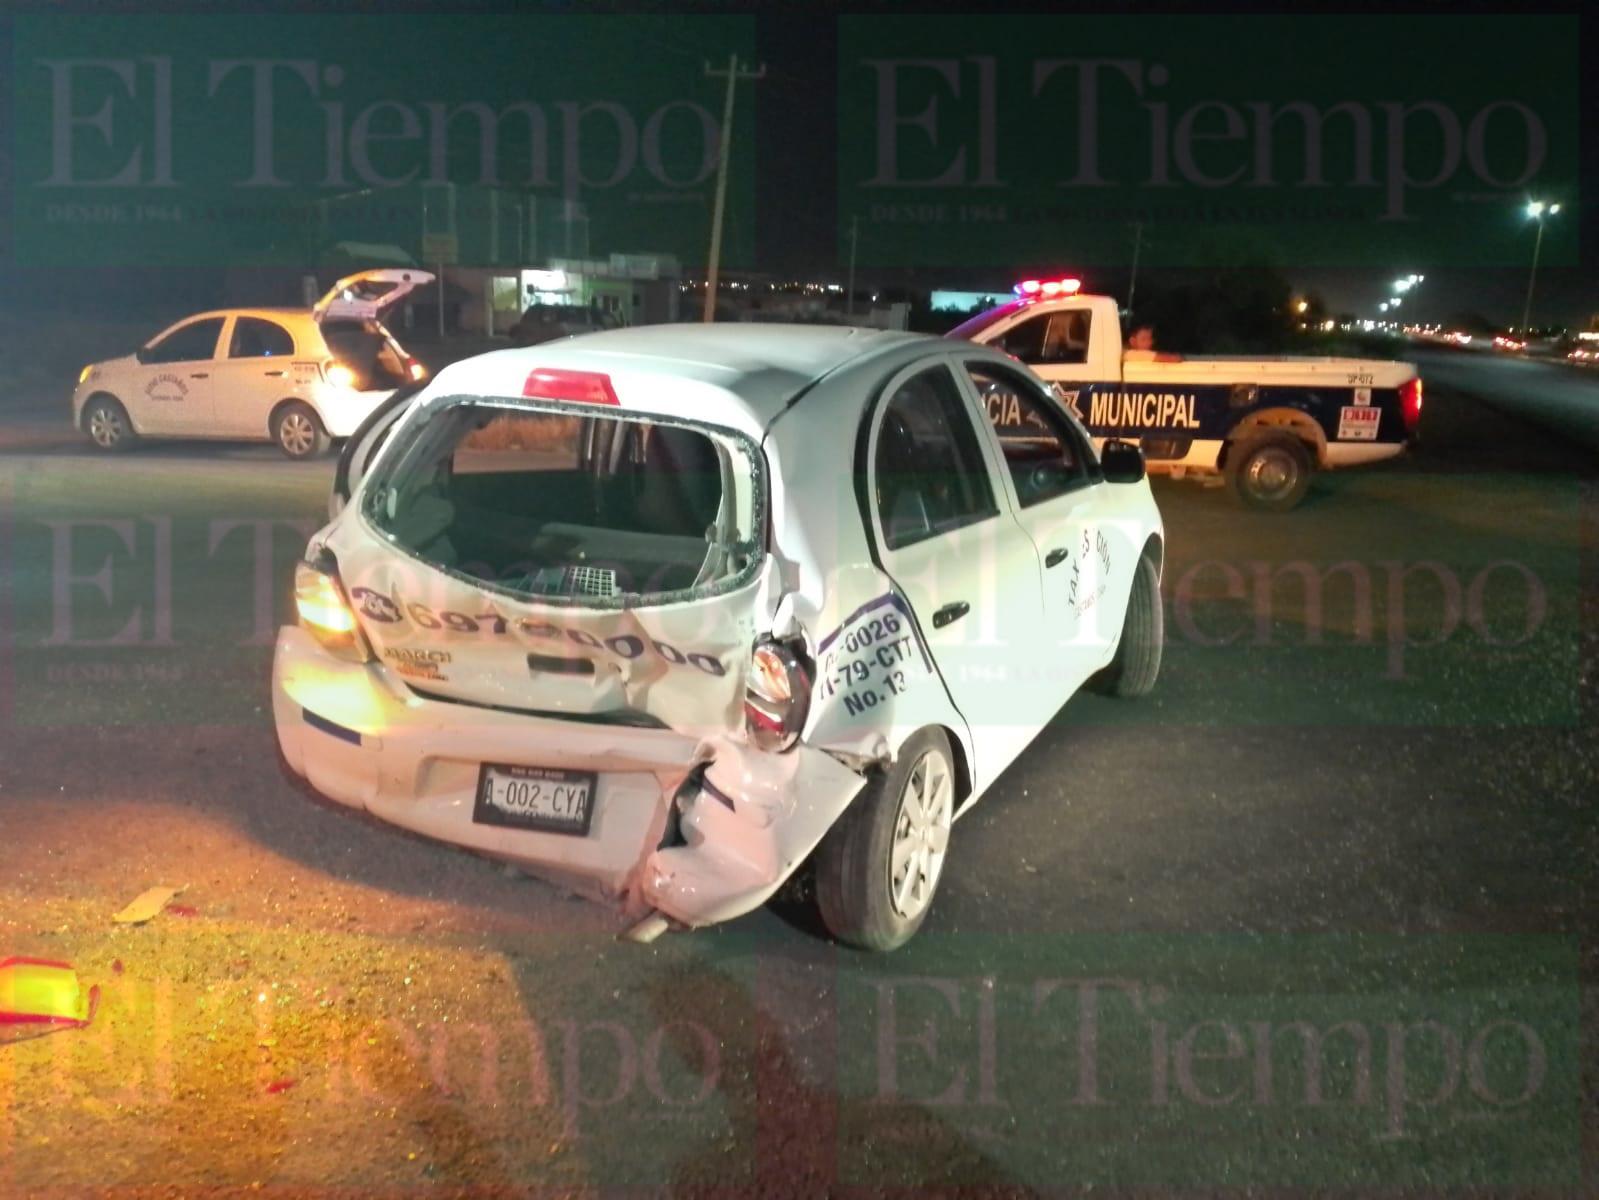 Cuatro personas lesionadas deja fuerte accidente automovilístico en Castaños